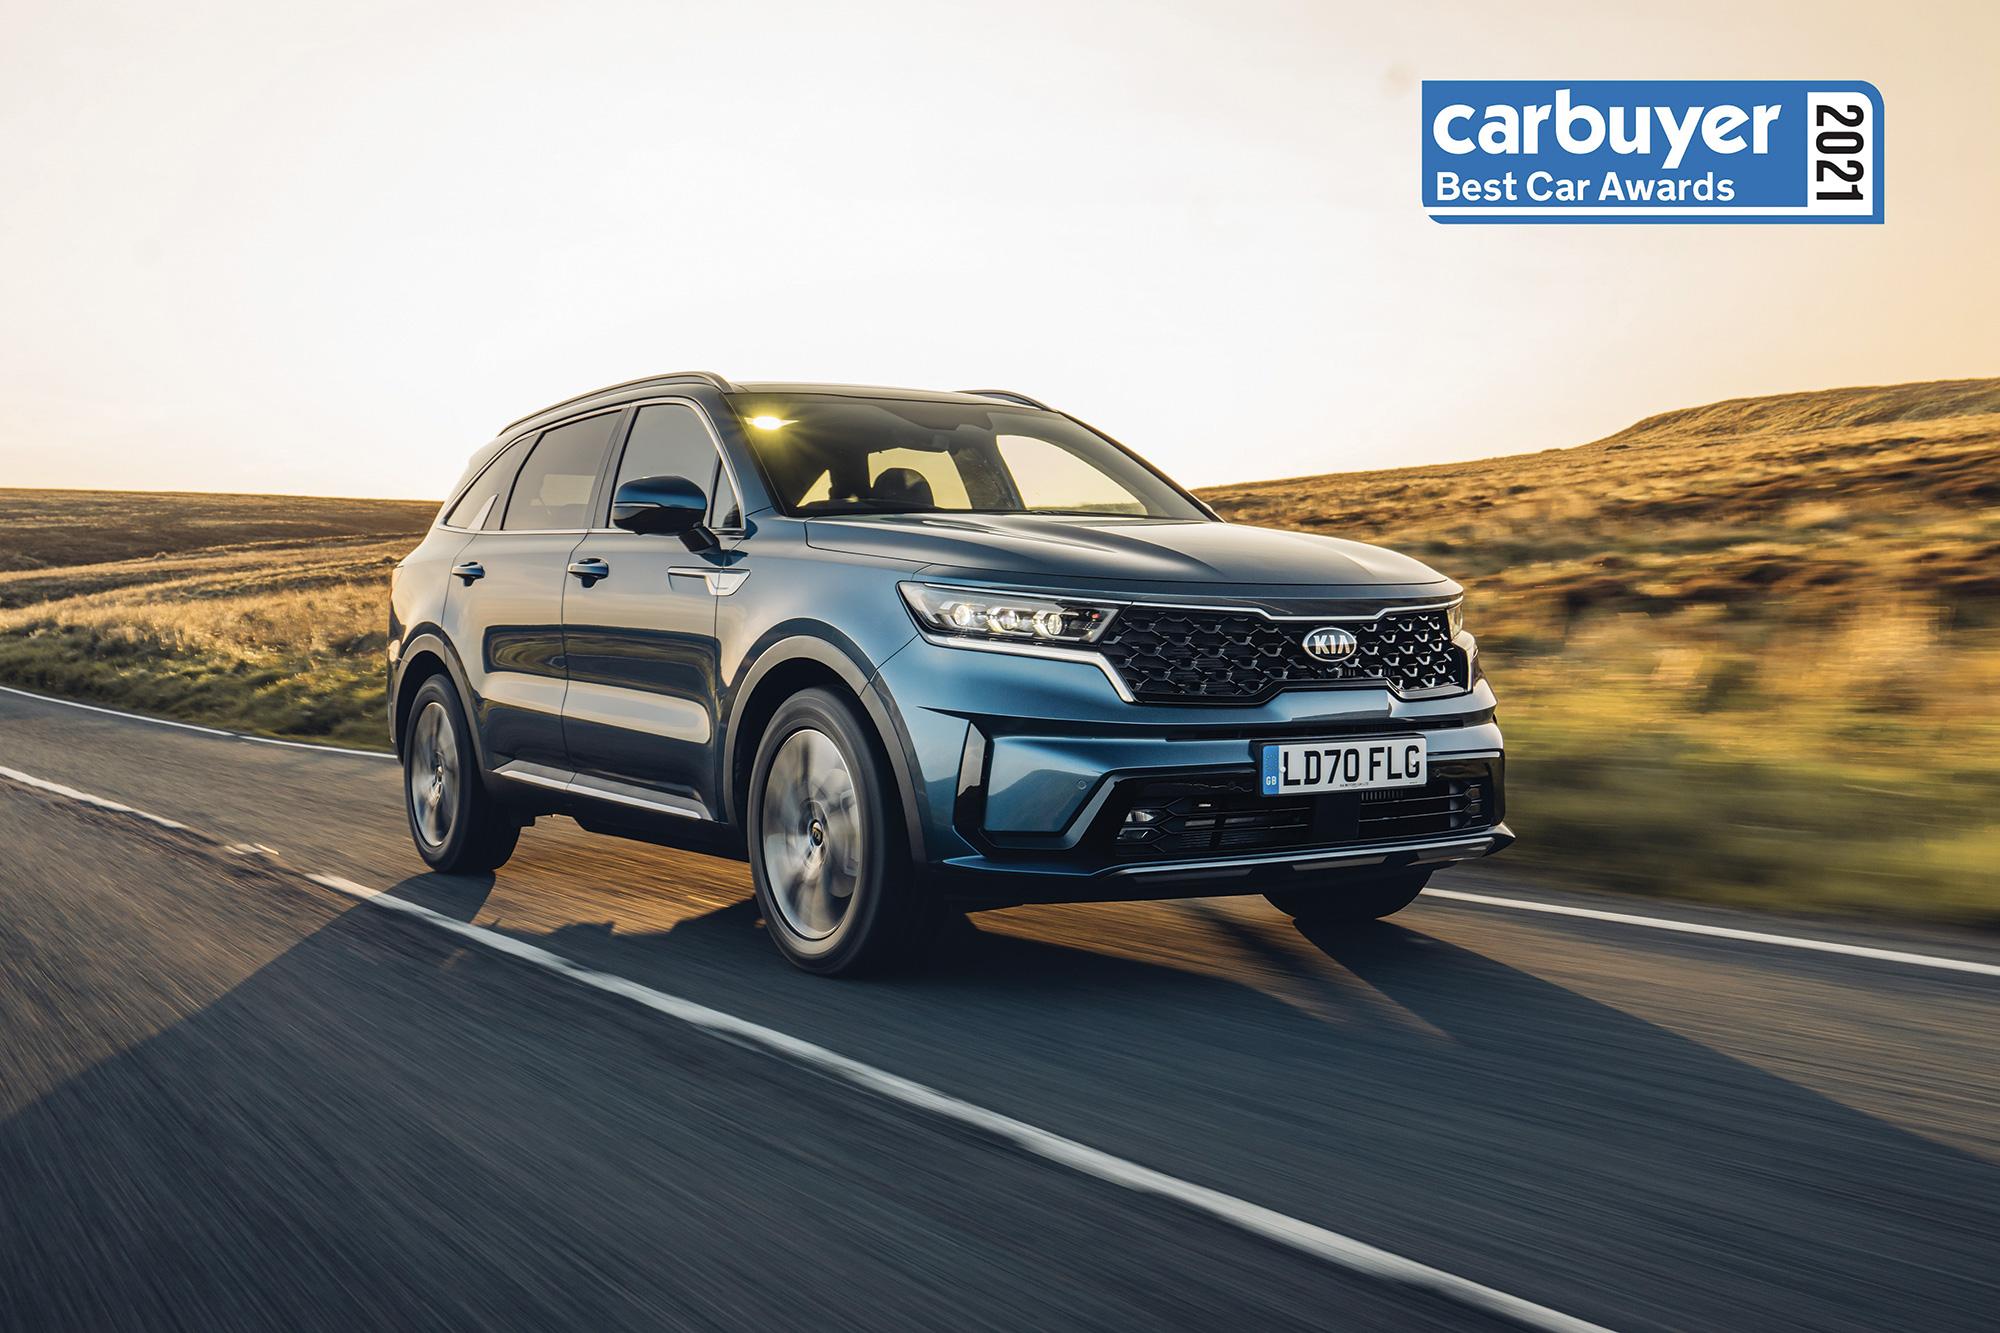 Nouveau KIA Sorento, Le SUV phare de la marque élu « Voiture de l'Année » par CarBuyer